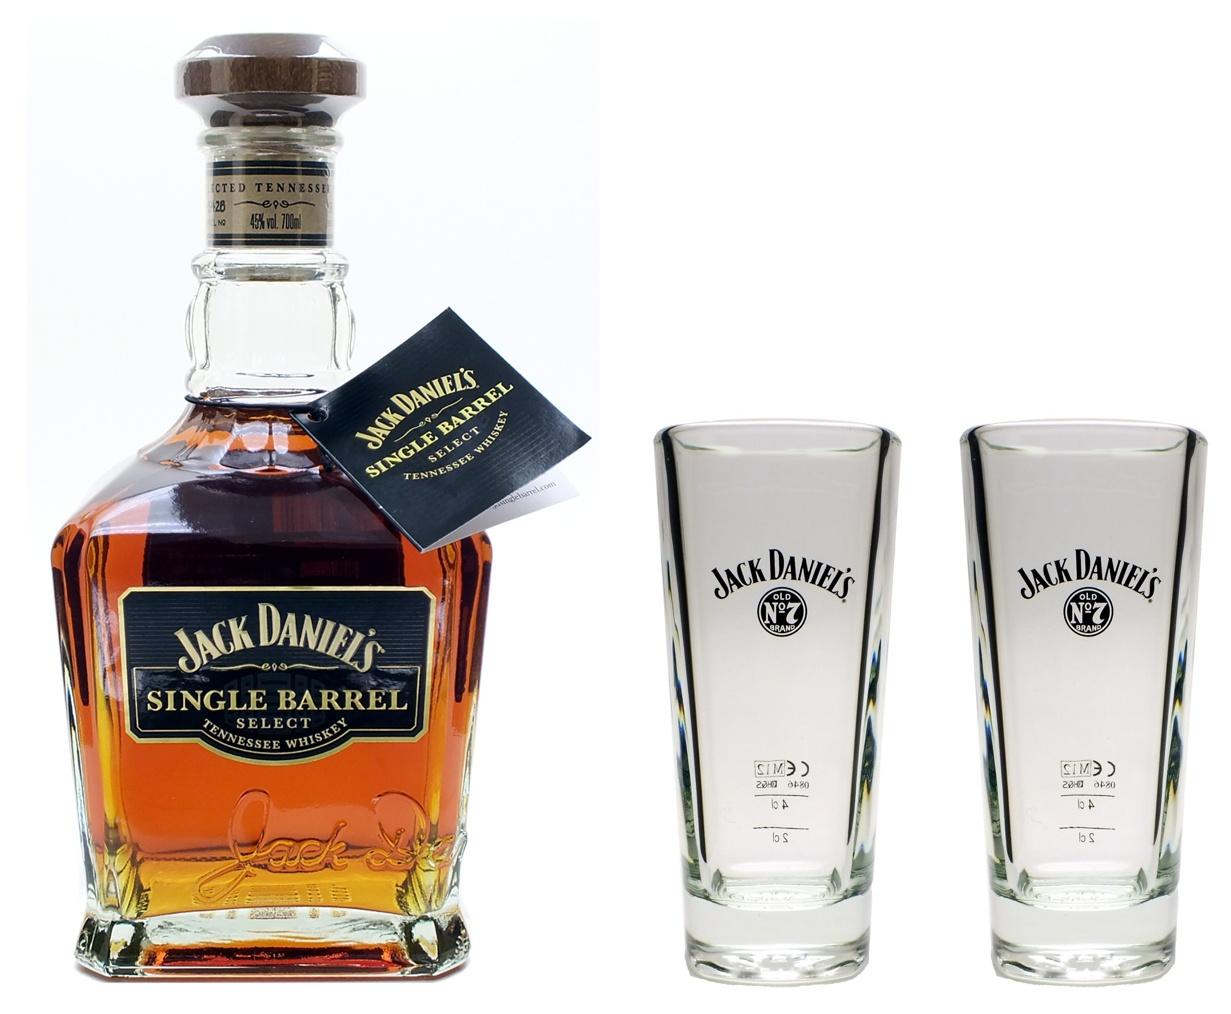 jack daniels single barrel whiskey 45 0 7l mit 2 longdrink gl ser set glas ebay. Black Bedroom Furniture Sets. Home Design Ideas